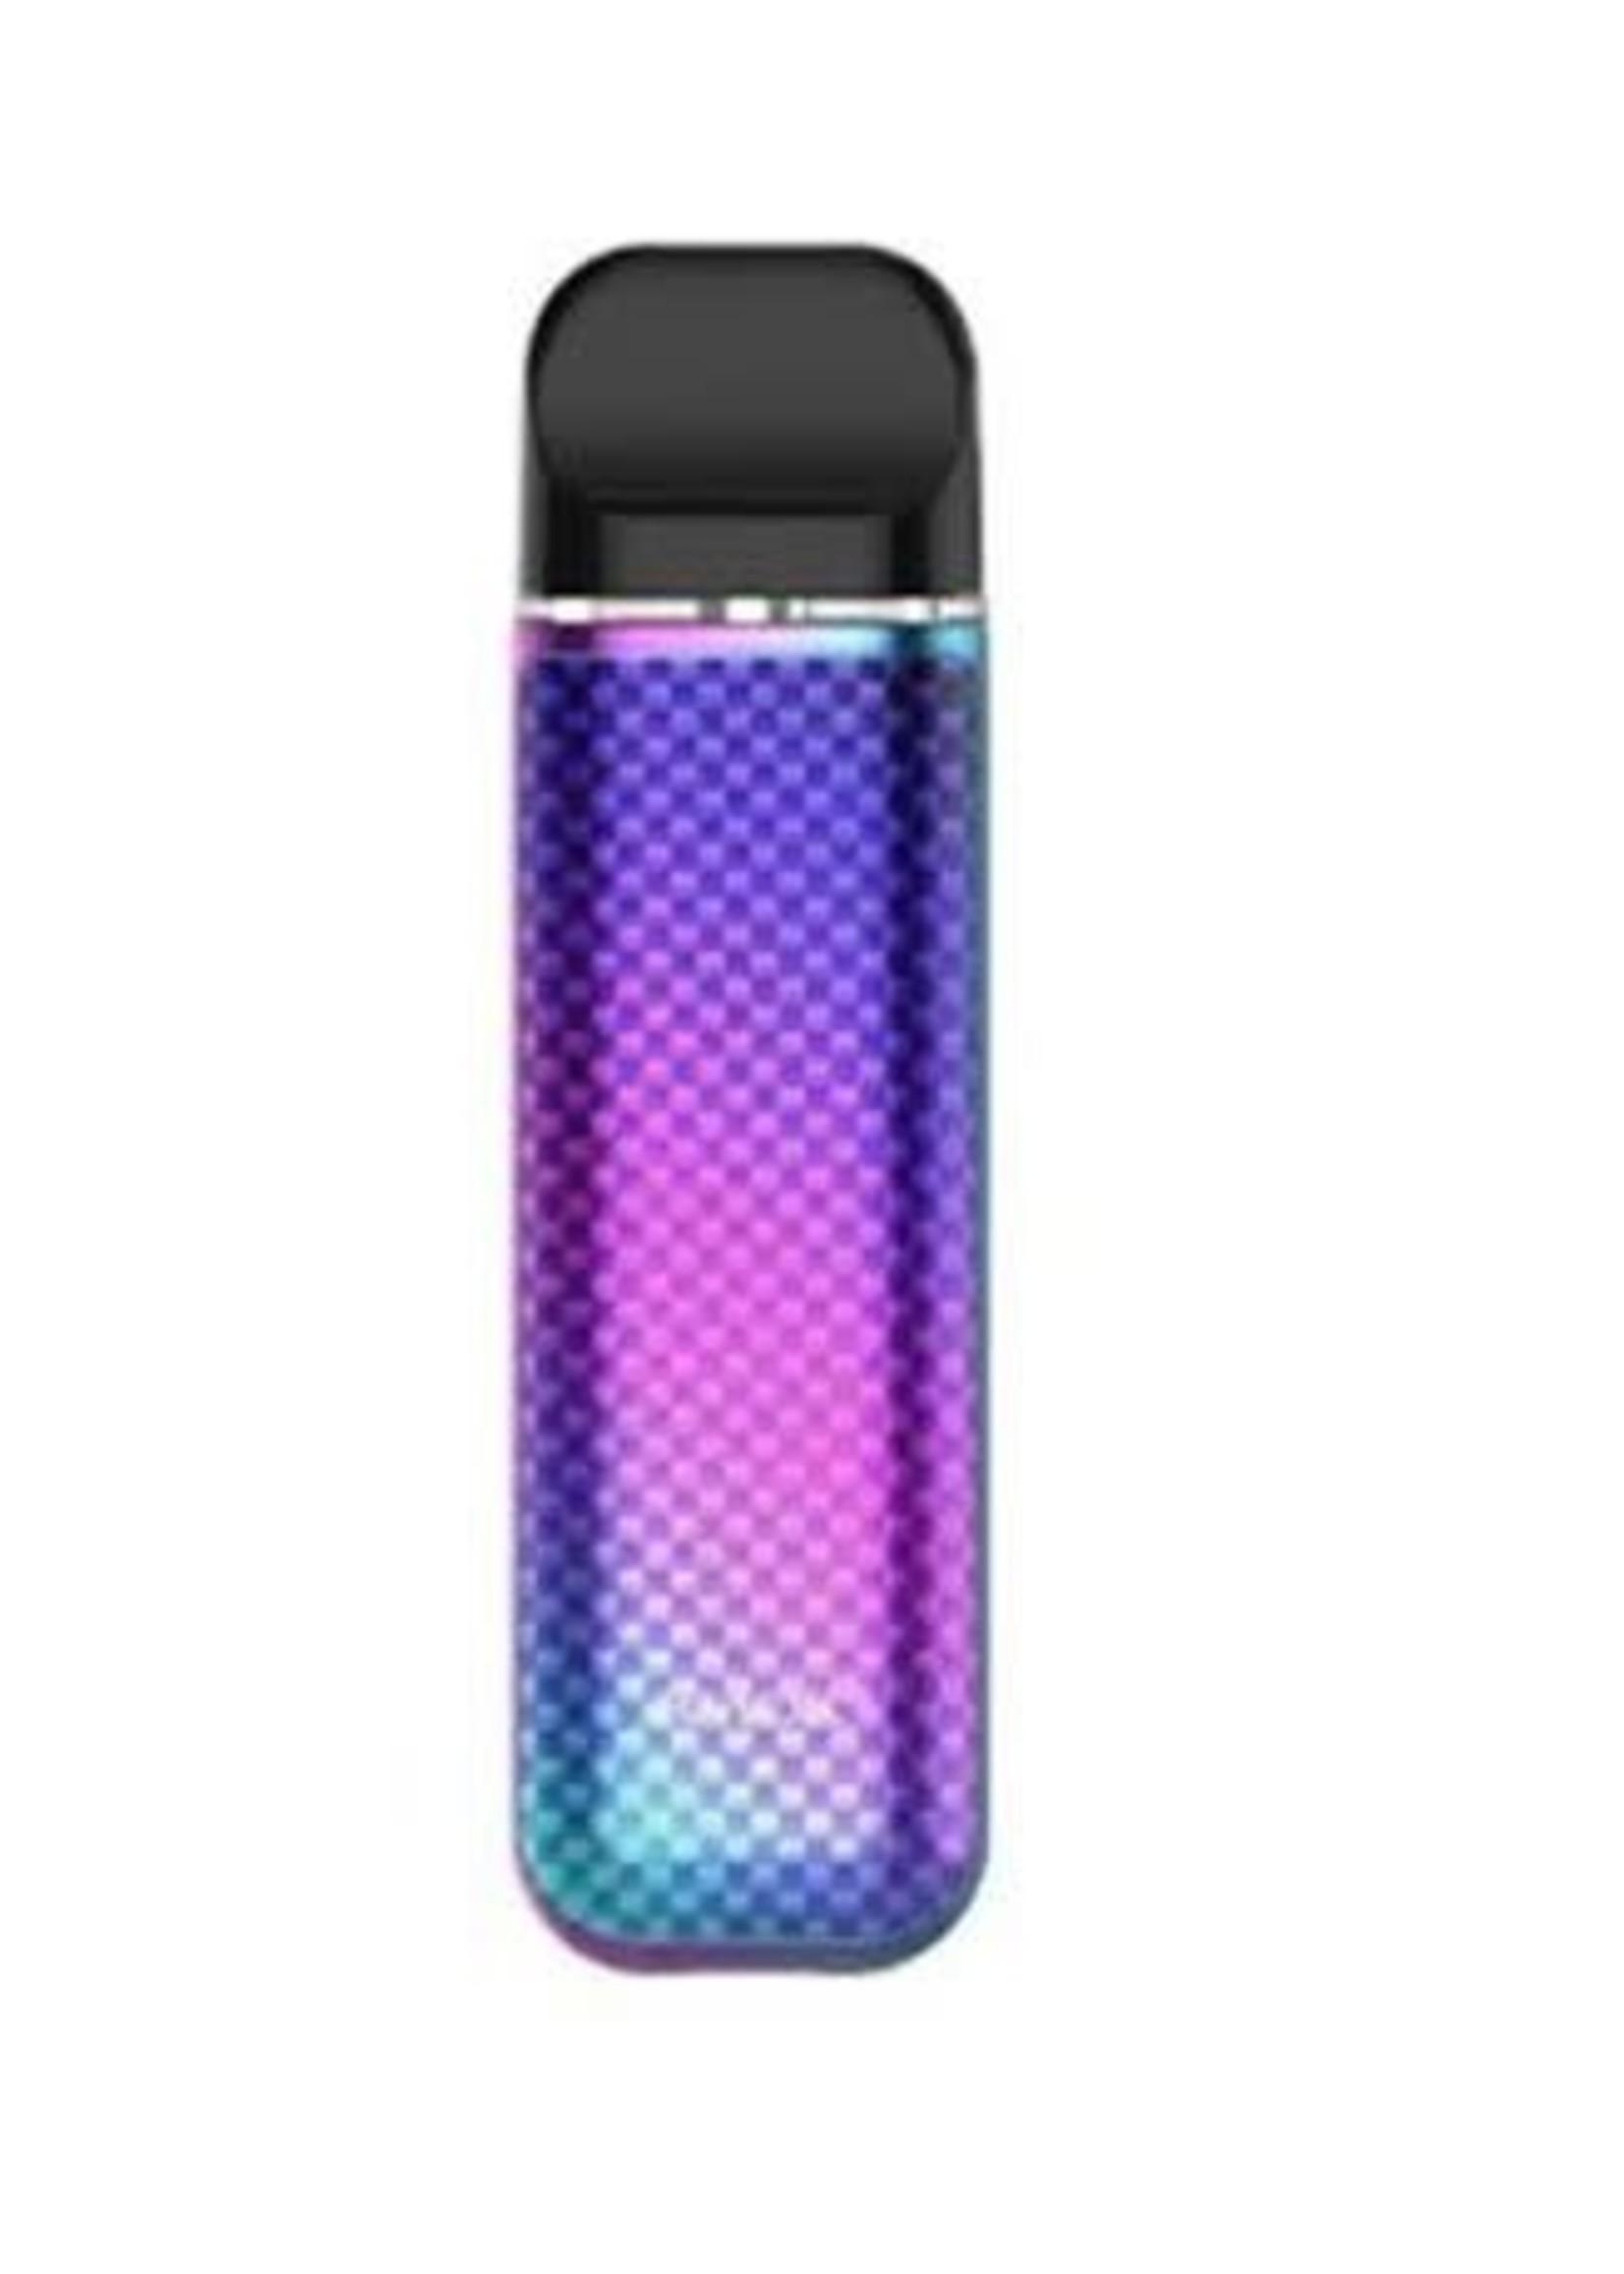 Smok Novo 2 Pod system - 7 colour carbon fiber